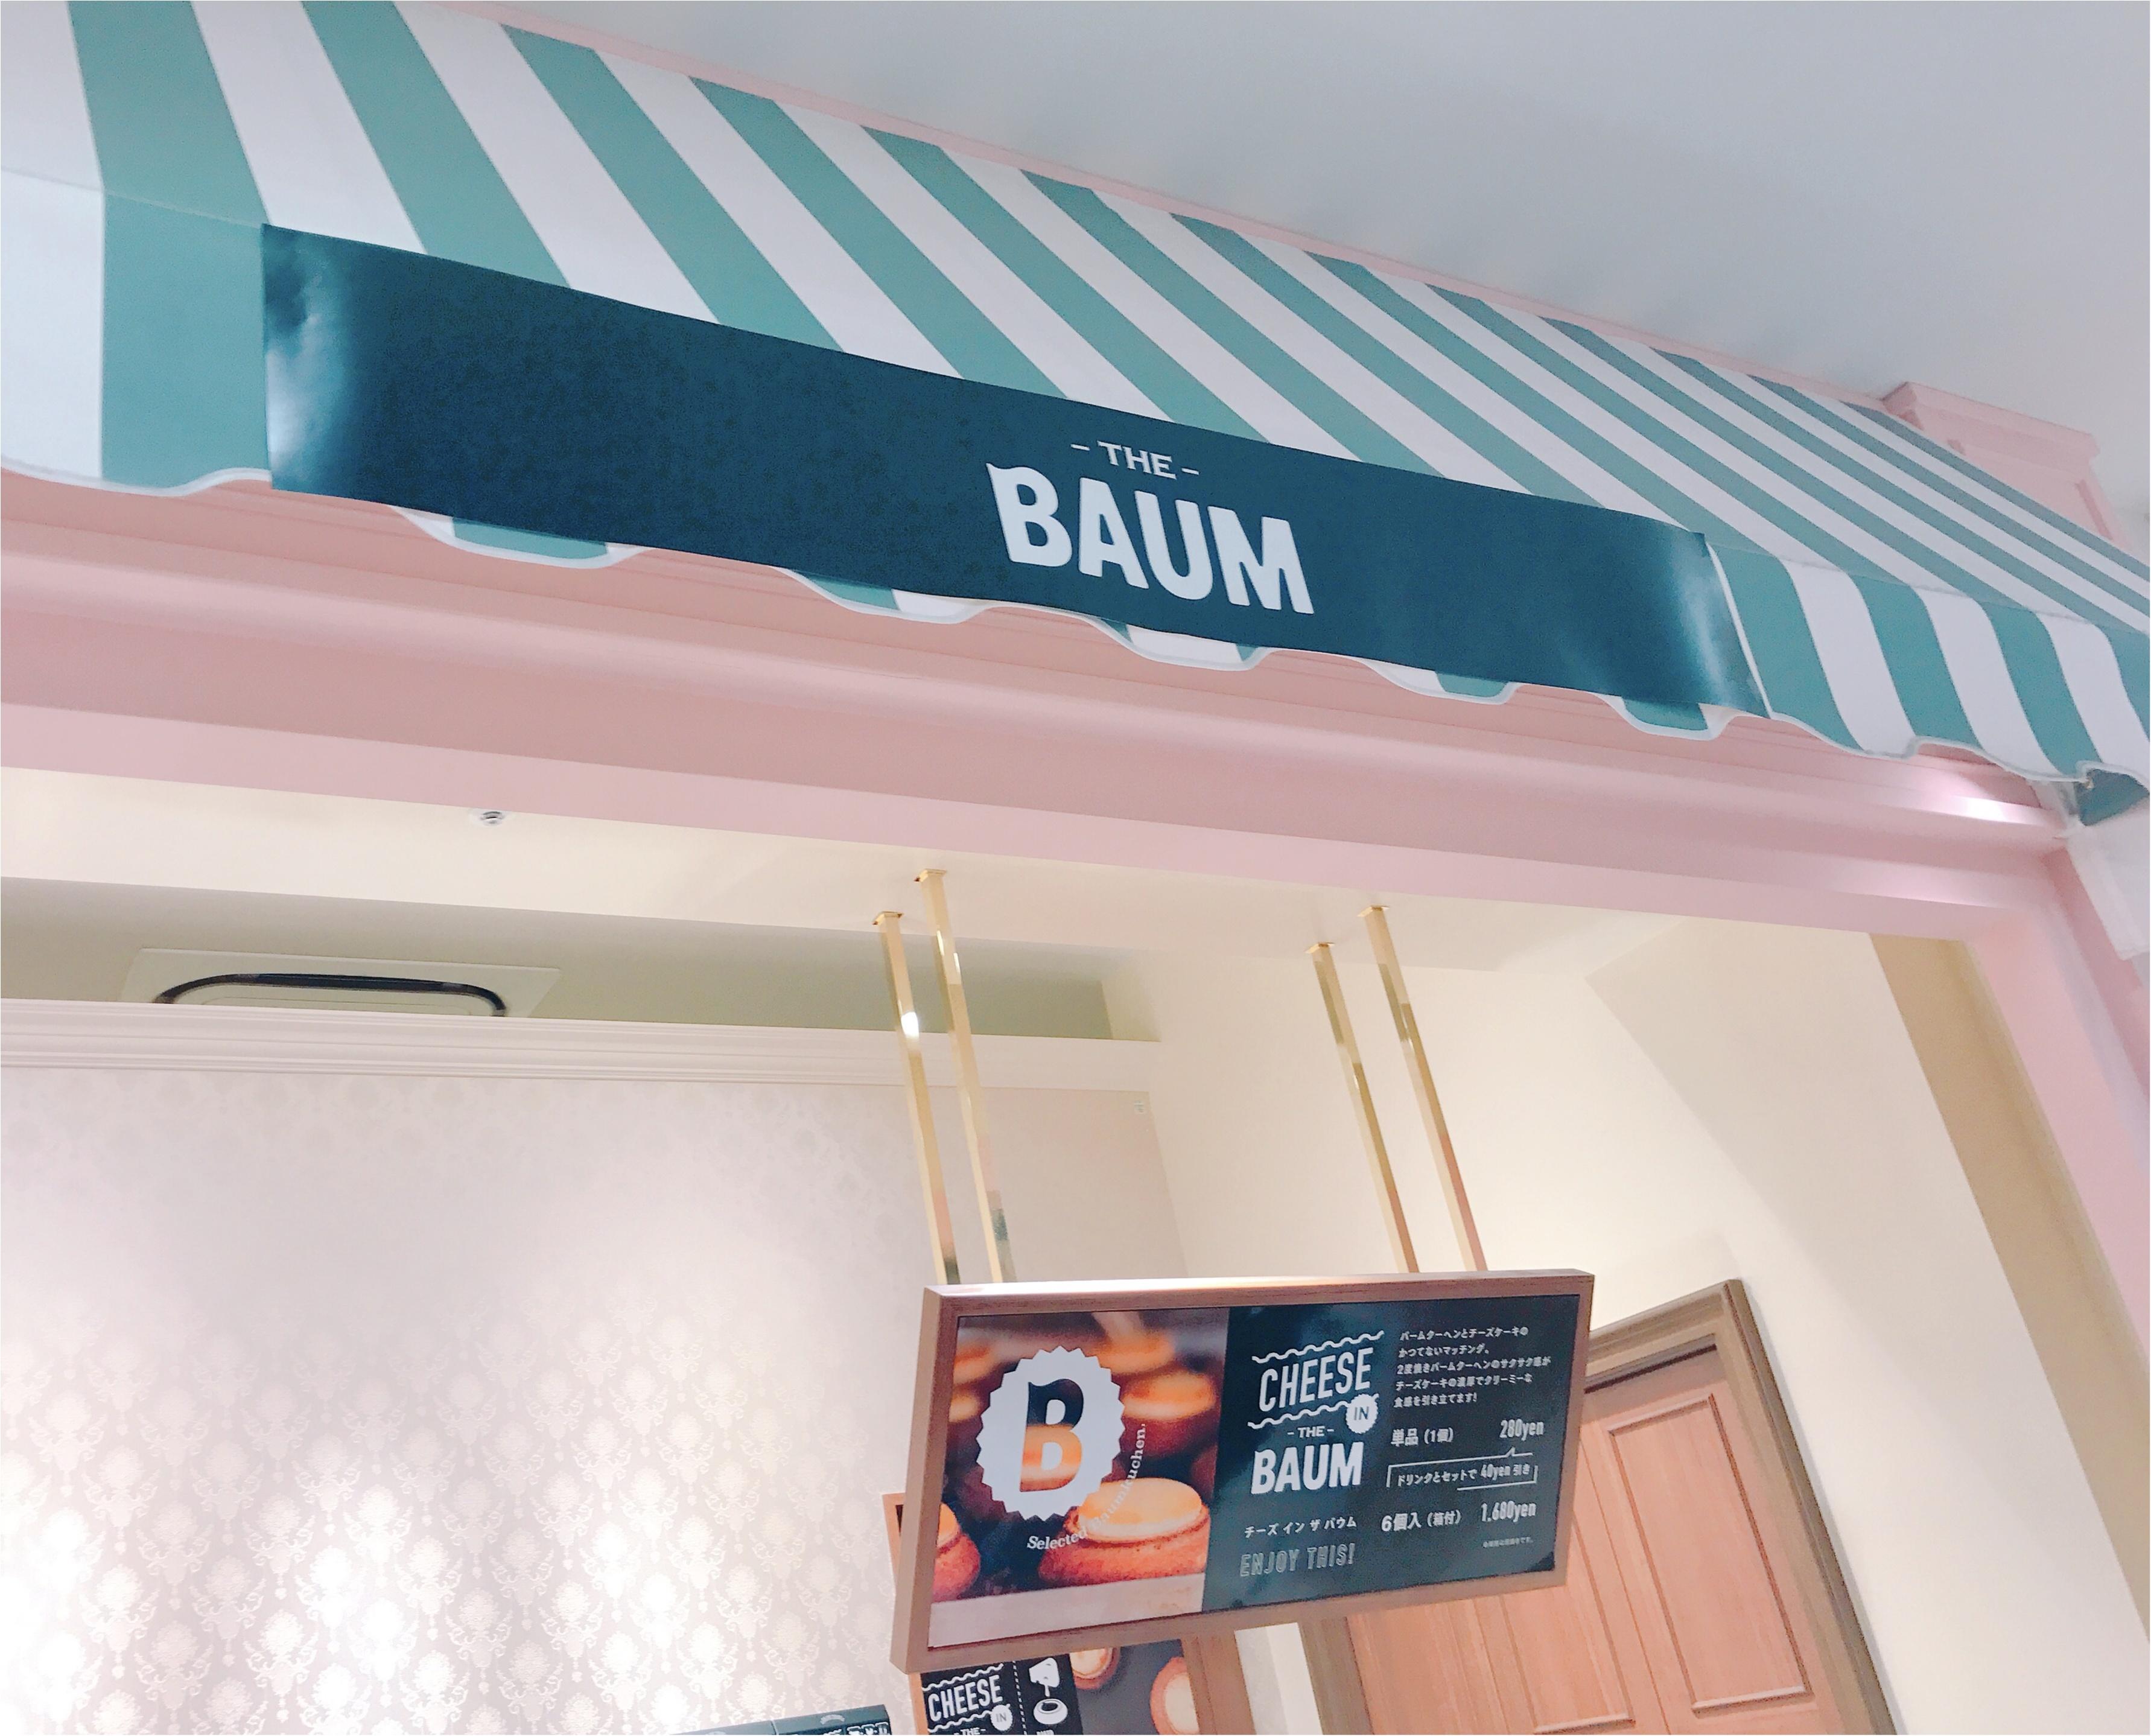 楽しみ方は3通り♪新感覚ハイブリッドスイーツ【THE BAUM】の《チーズ イン ザ バウム》が美味い♡_1